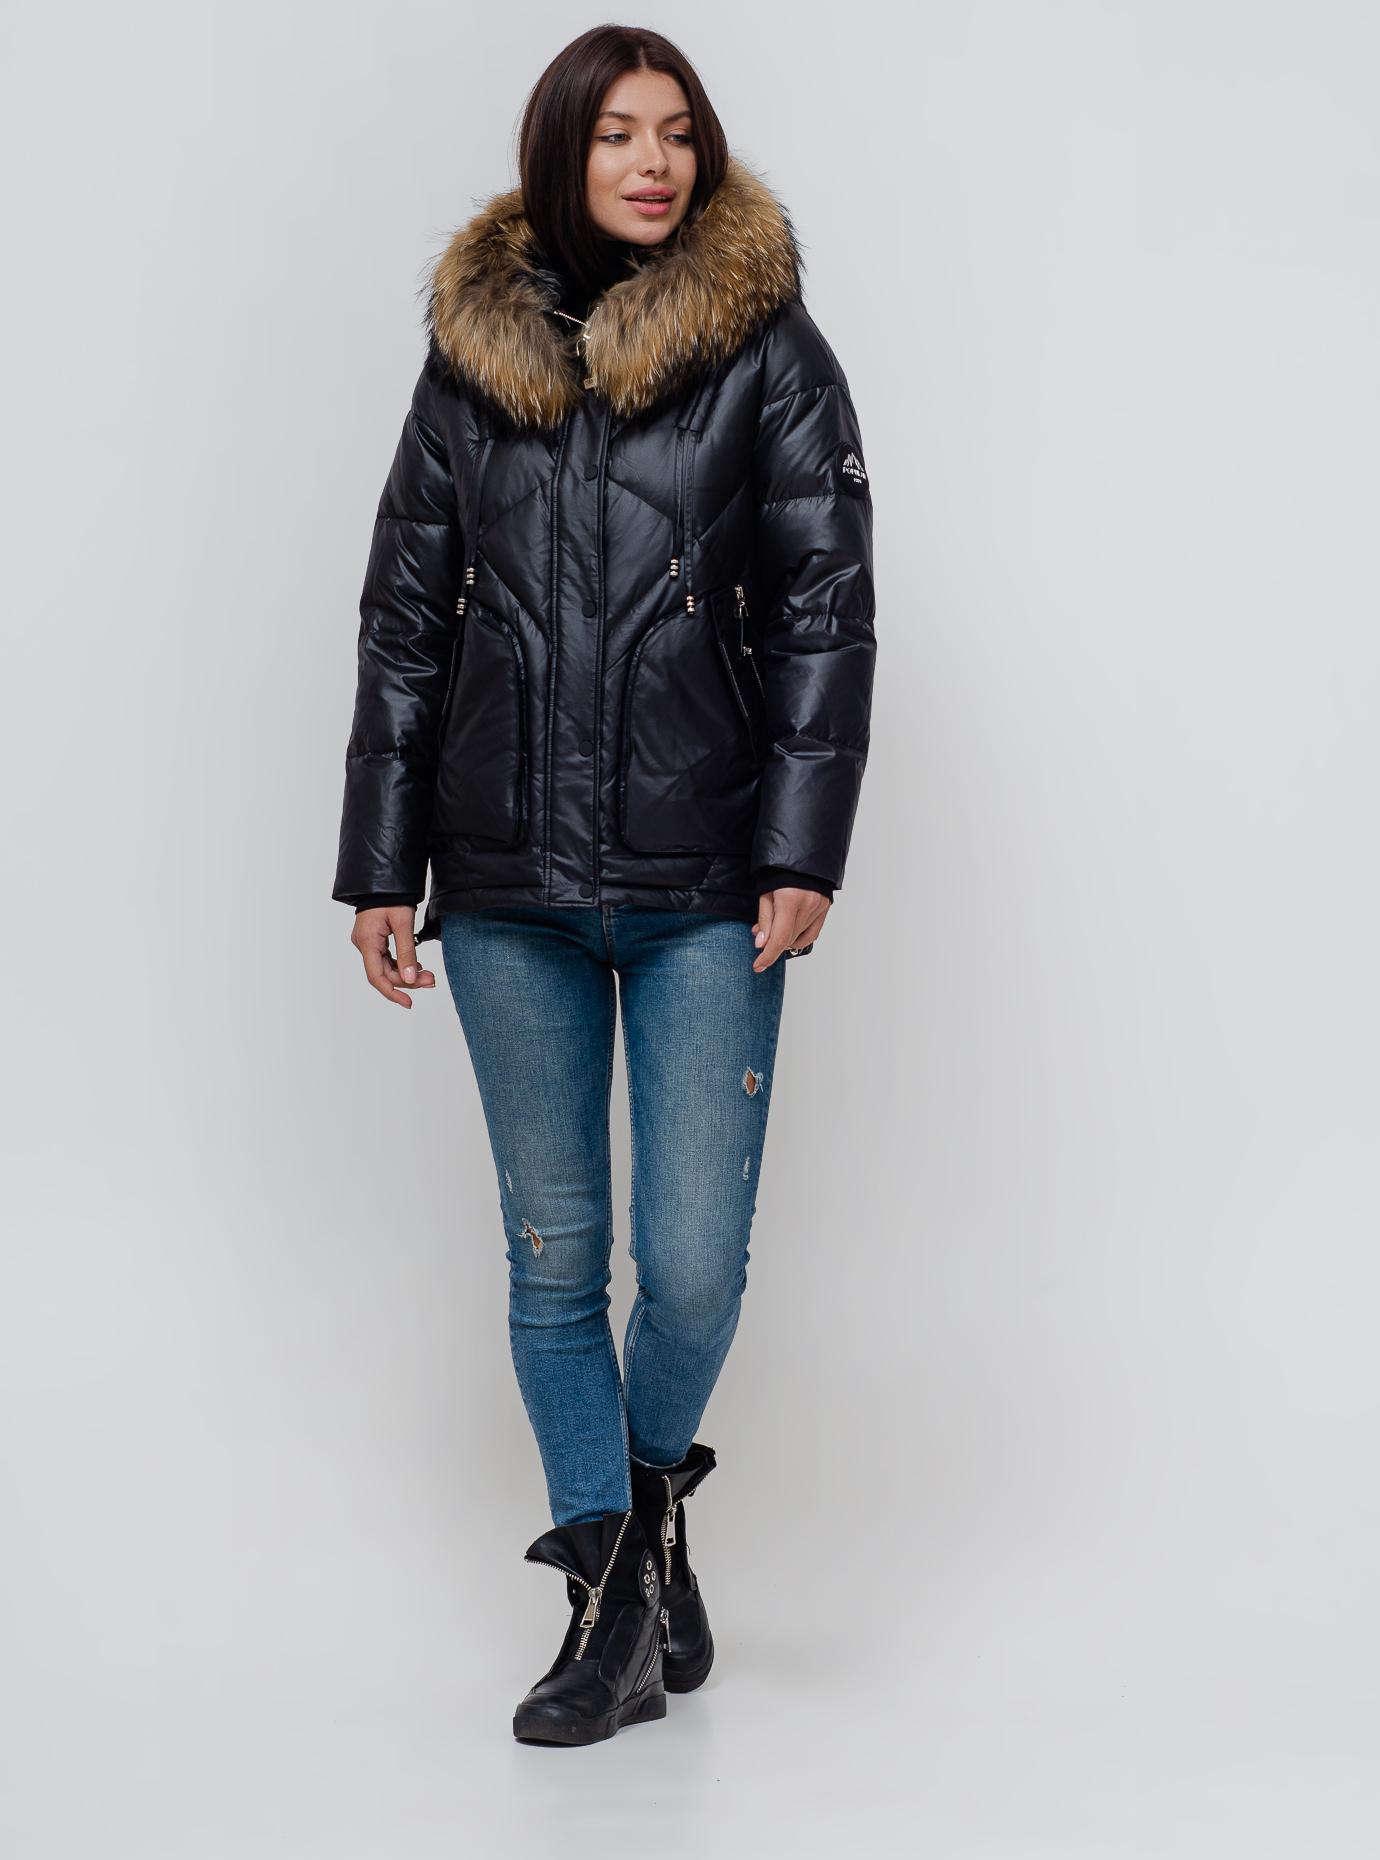 Пуховик зимовий короткий з хутром єнота Чорний S (01-N200389): фото - Alster.ua